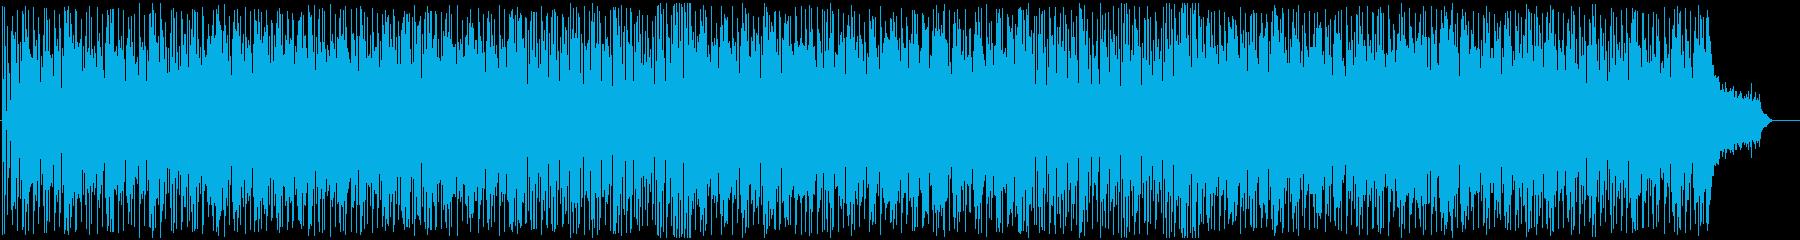 軽快でおしゃれなBGMの再生済みの波形